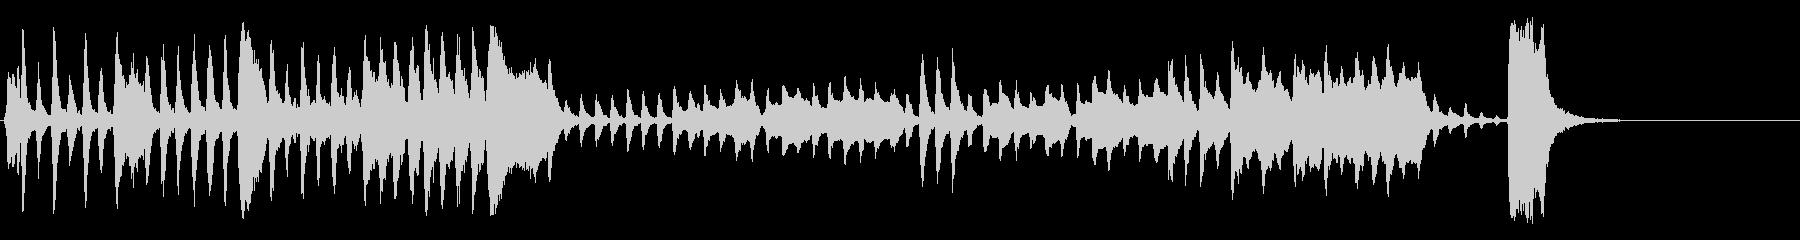 コミカルで少し怪しいオーケストラ曲の未再生の波形